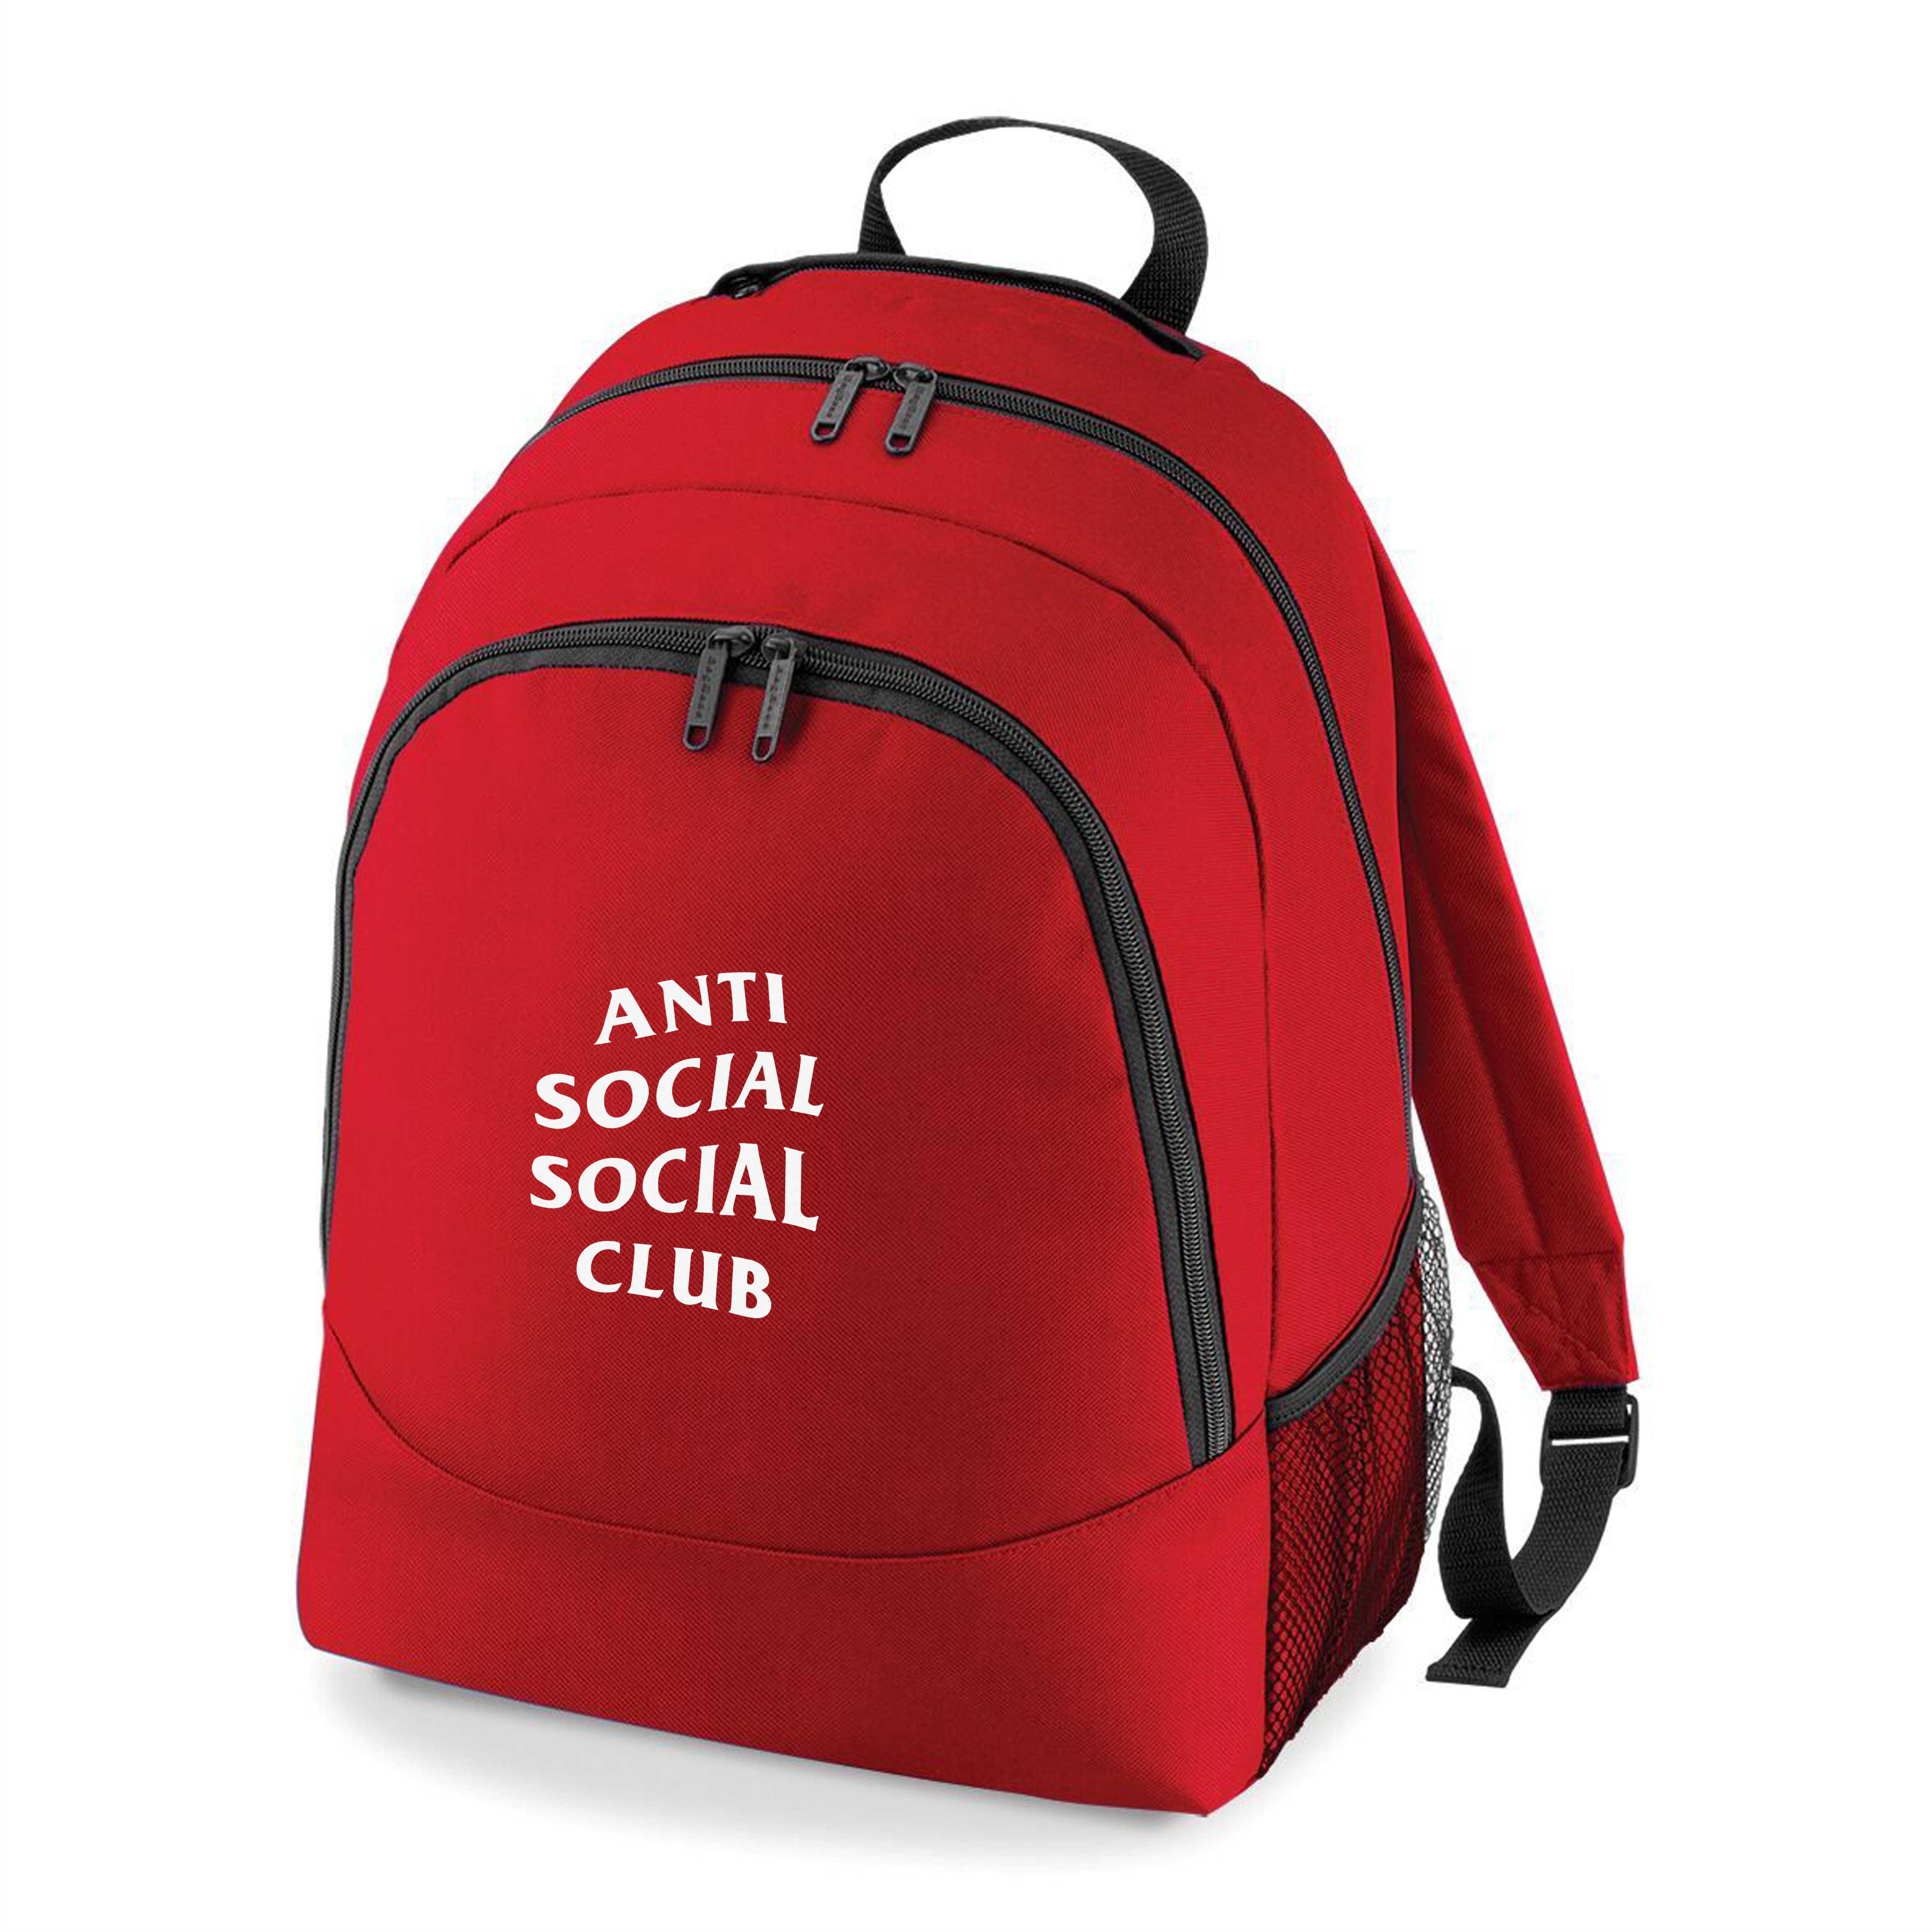 Anti Social Social Club Rucksack bag